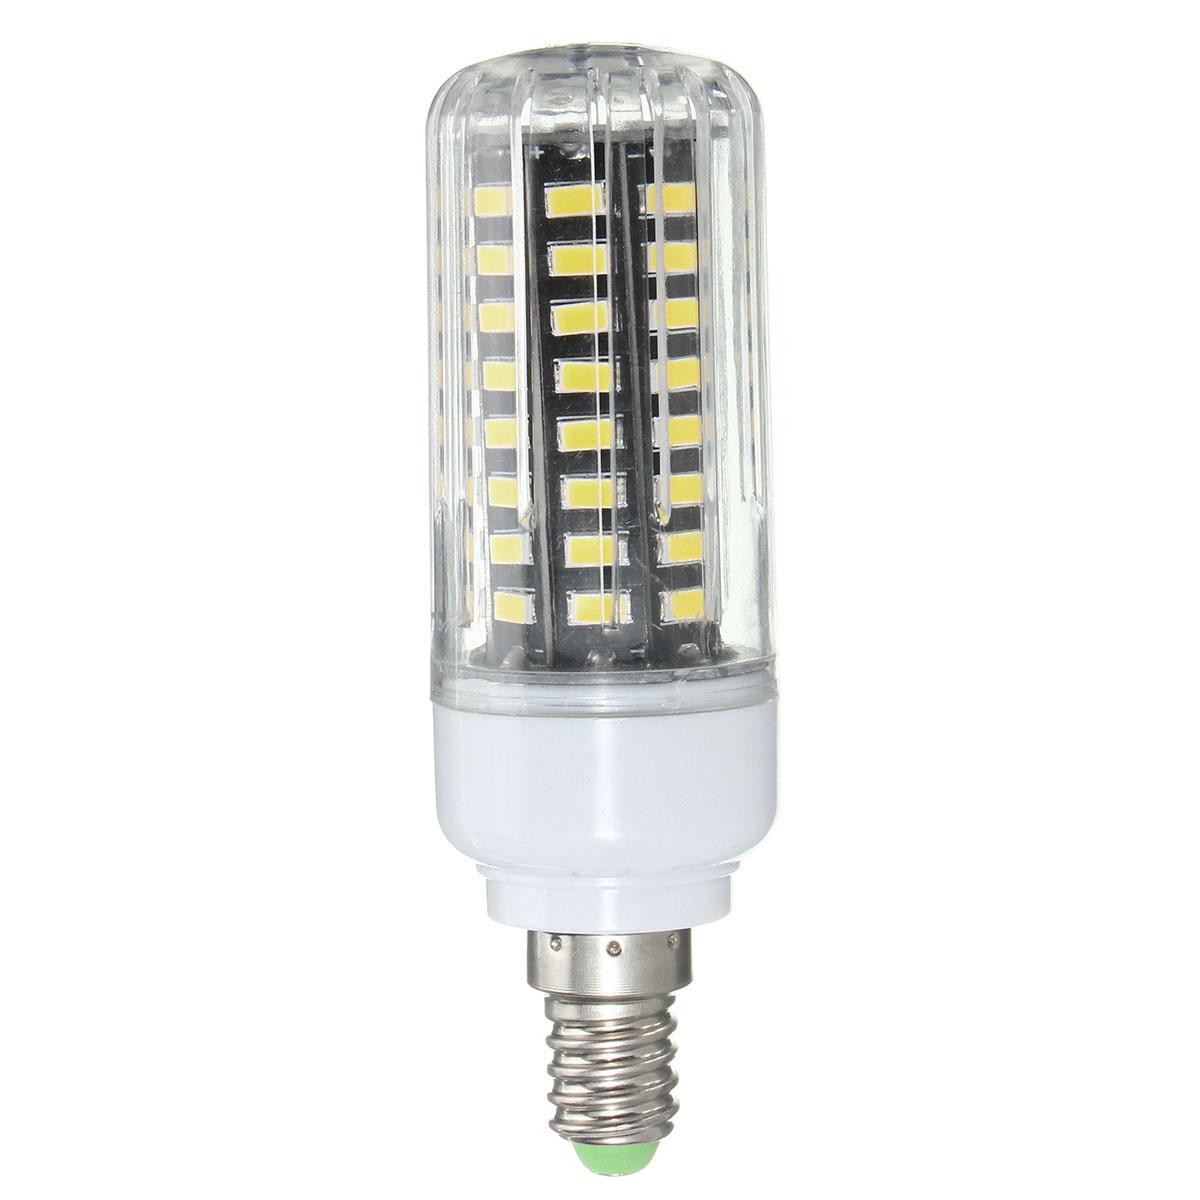 e27 e14 e12 e17 gu10 b22 led corn bulb 7w 72 smd 5736 led lamp ampoule led light ac85 265v. Black Bedroom Furniture Sets. Home Design Ideas